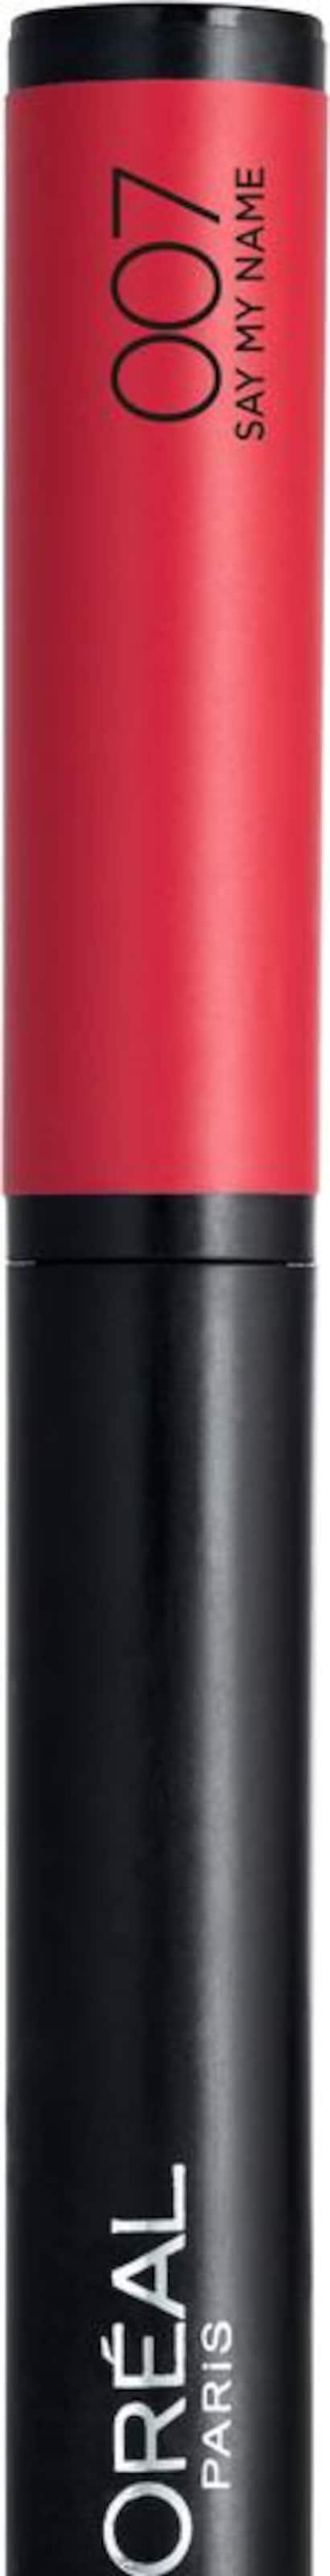 Matt' Lippenpuderstift Paris 'indefectible Rot L'oréal In 3A4Rqcj5L